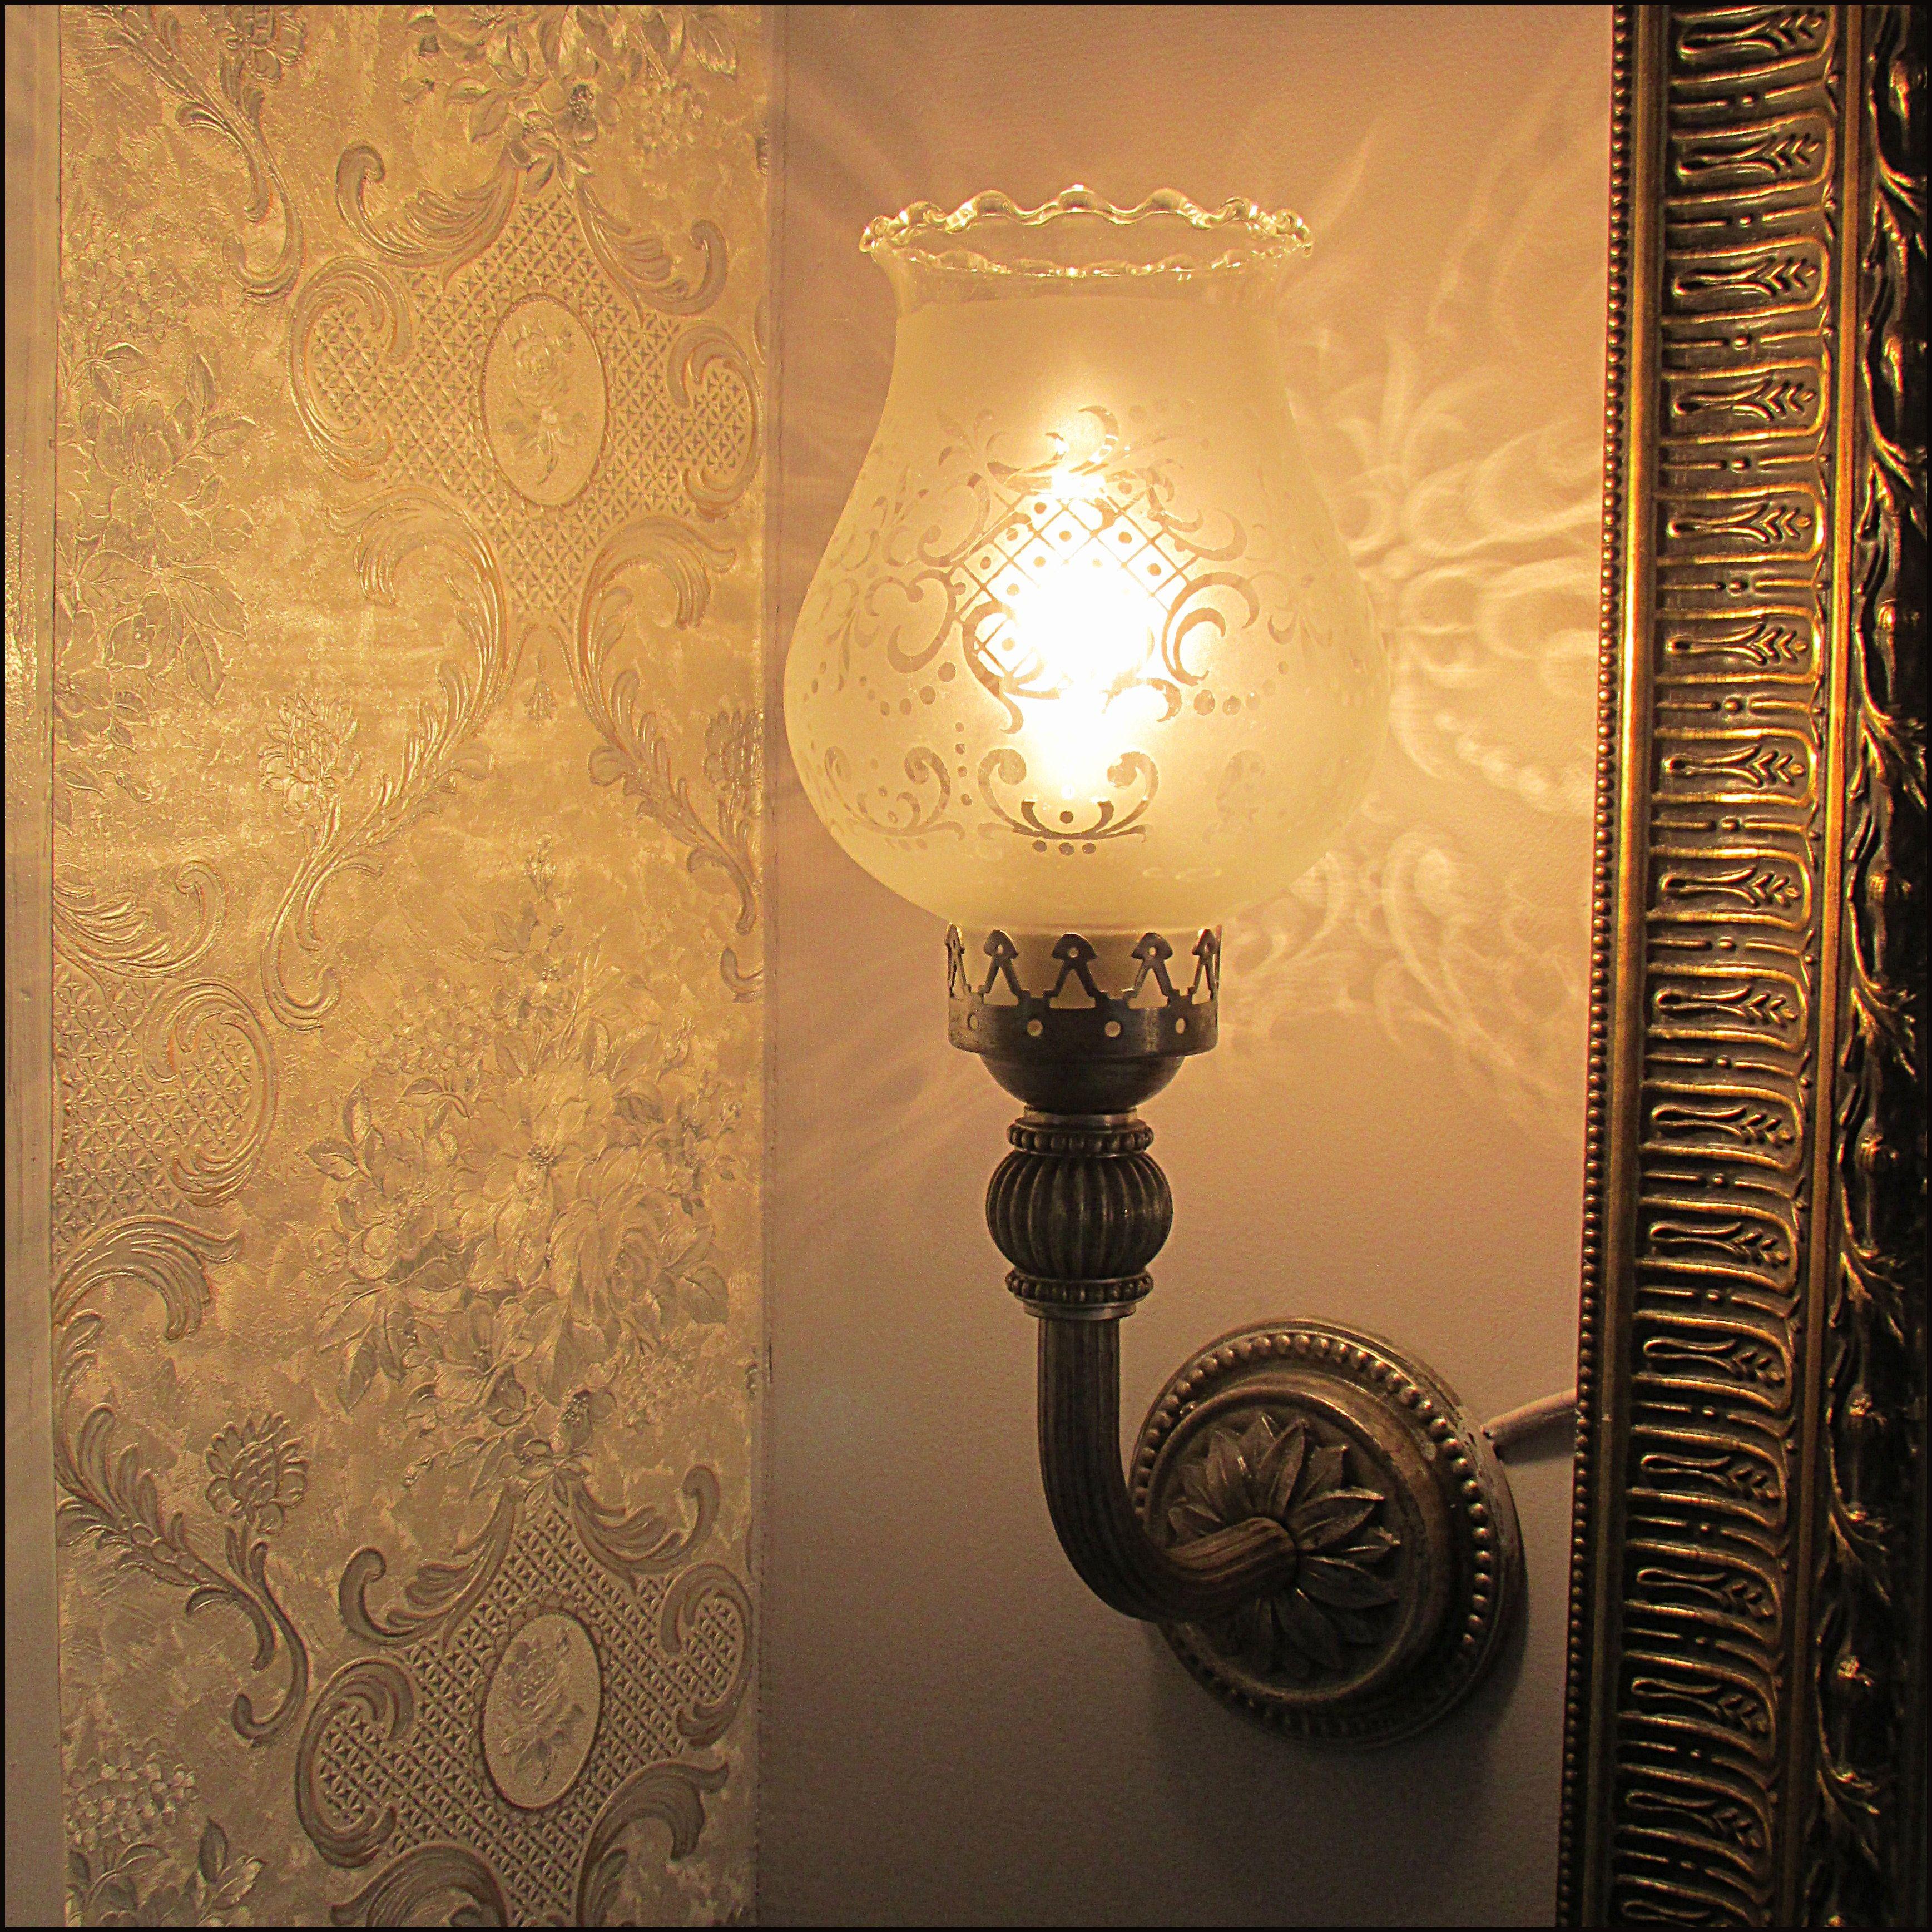 Chambre Louis XV Room Bathroom, salle de bain